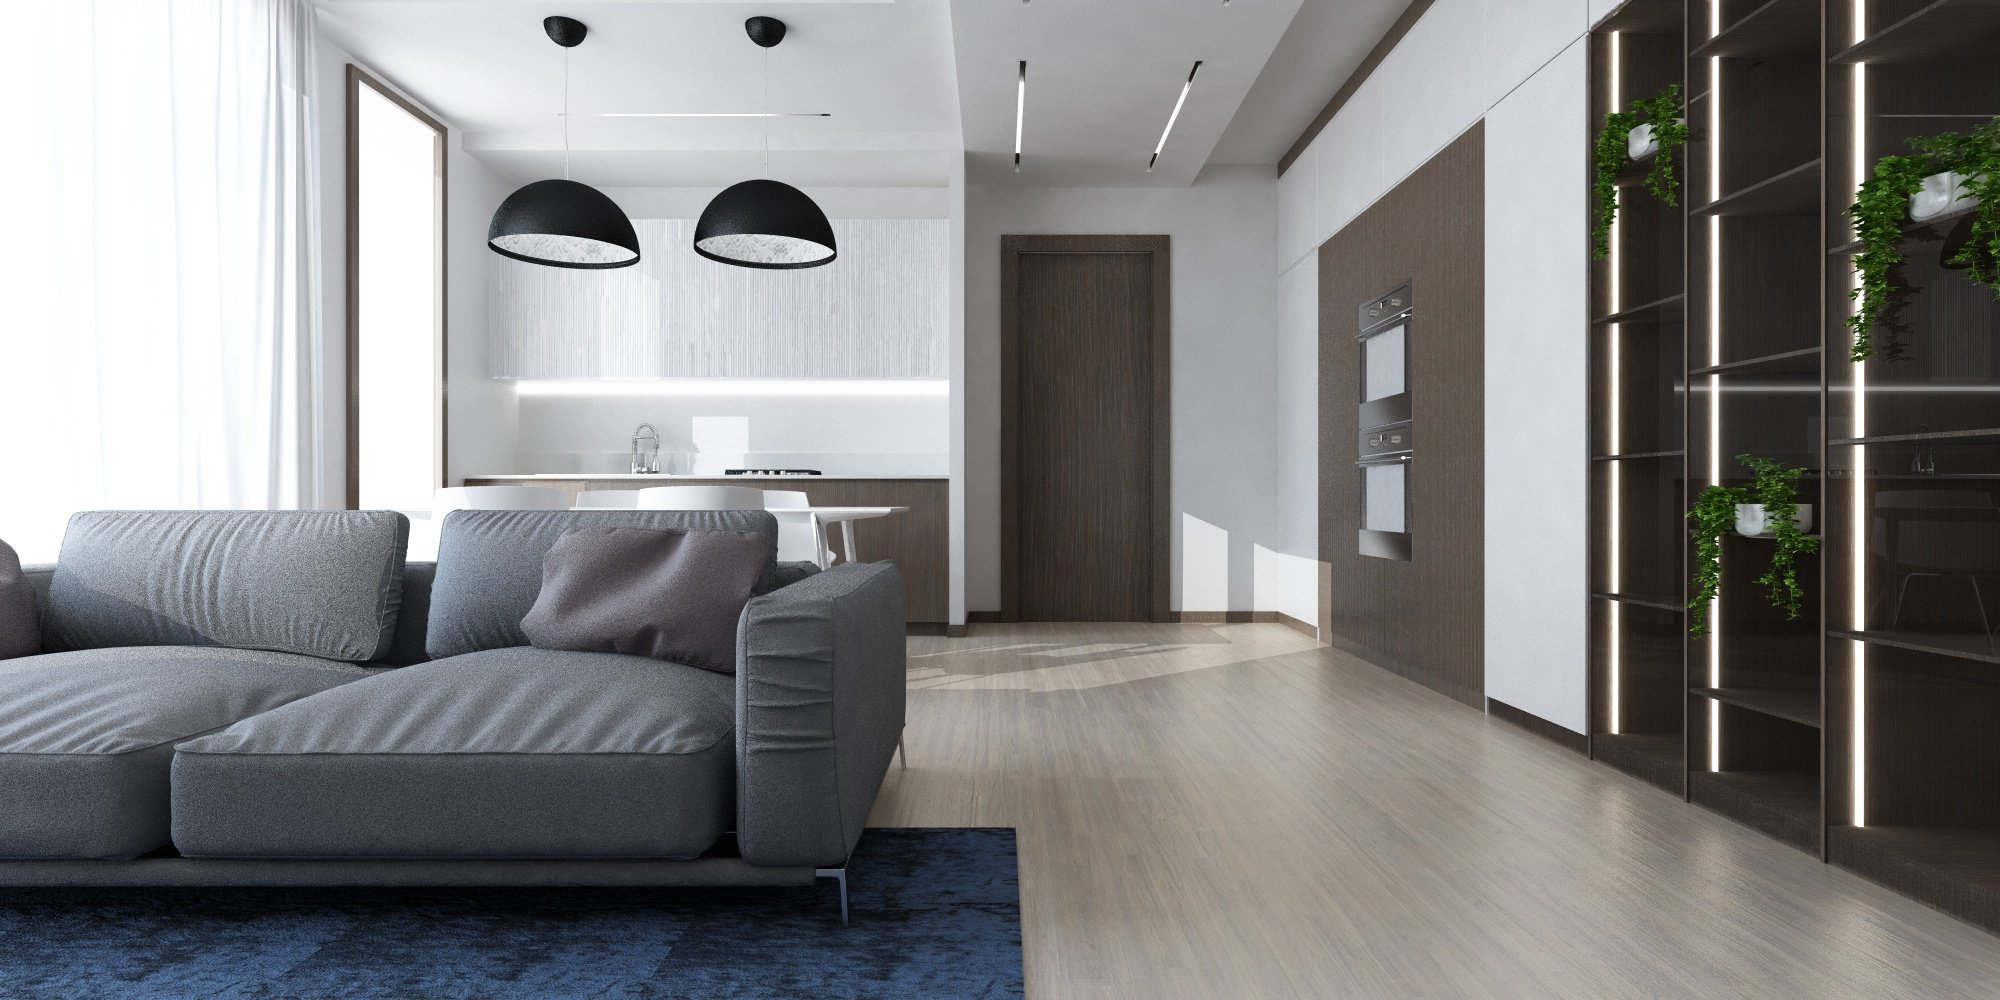 Sp Interior Design Dividere Un Open Space Controsoffitti E Tagli Di Luce